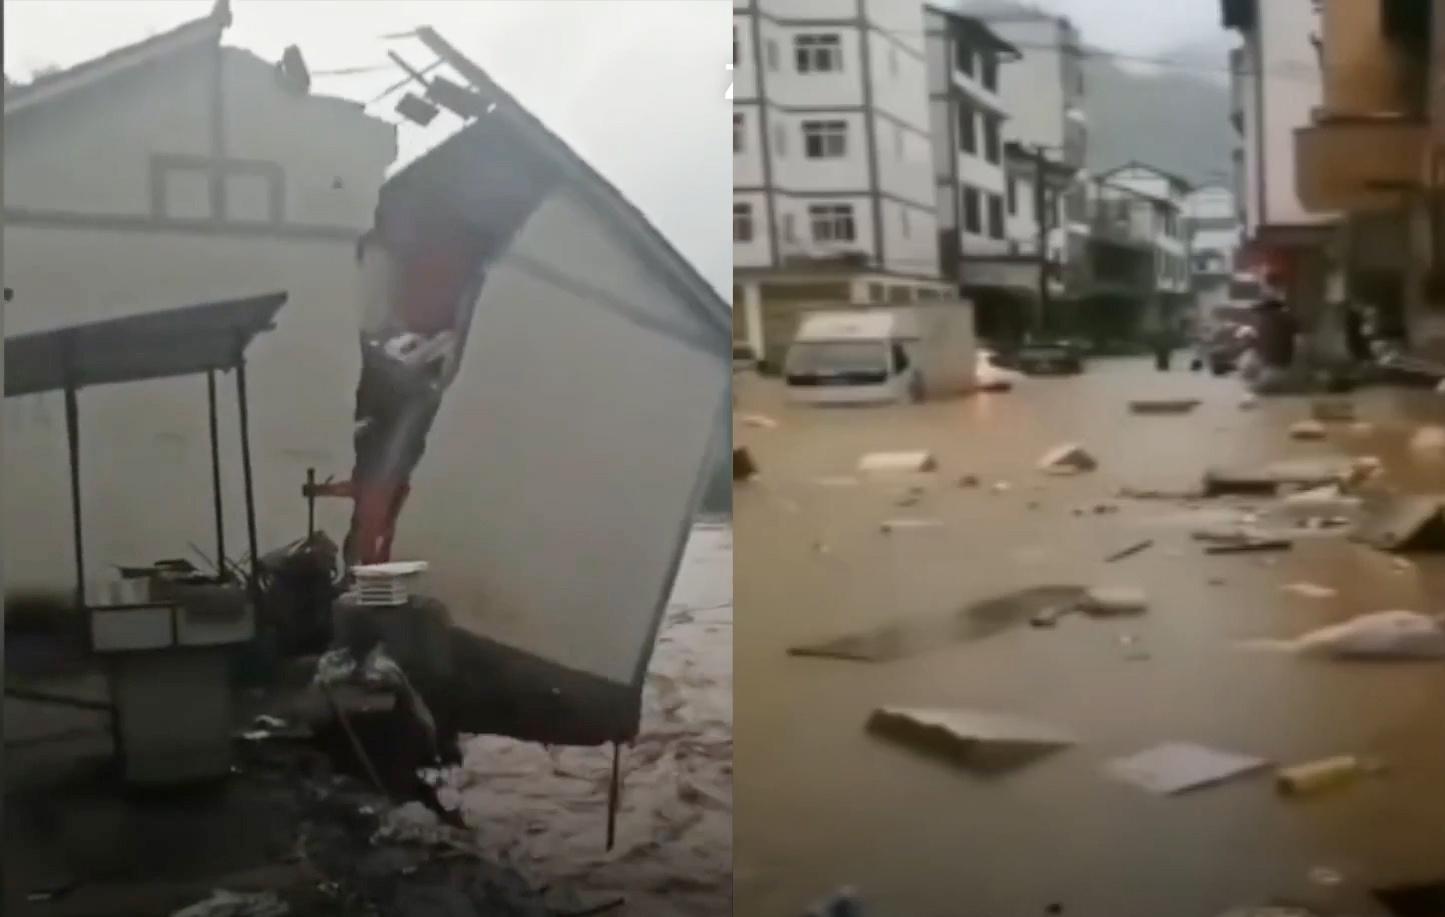 Lũ lụt chết người phá hủy nhà cửa, cuốn trôi xe cộ tại Trung Quốc